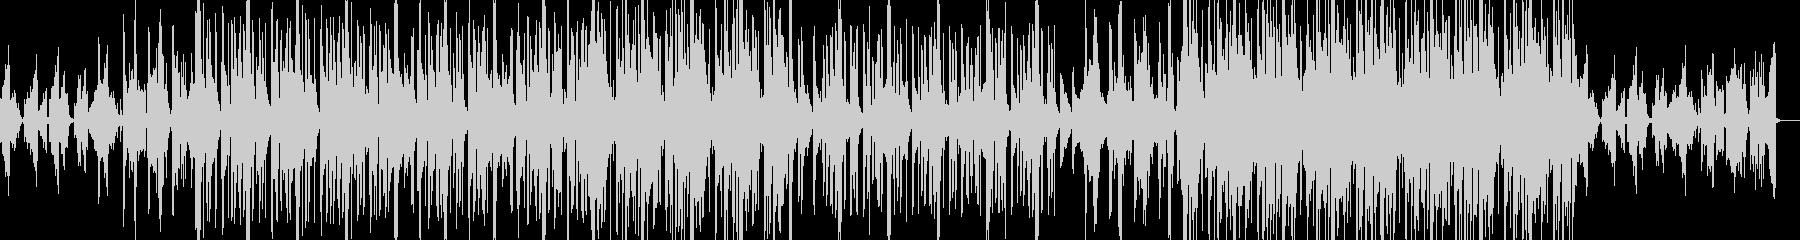 ピアノが印象的な和テイストのヒップホップの未再生の波形